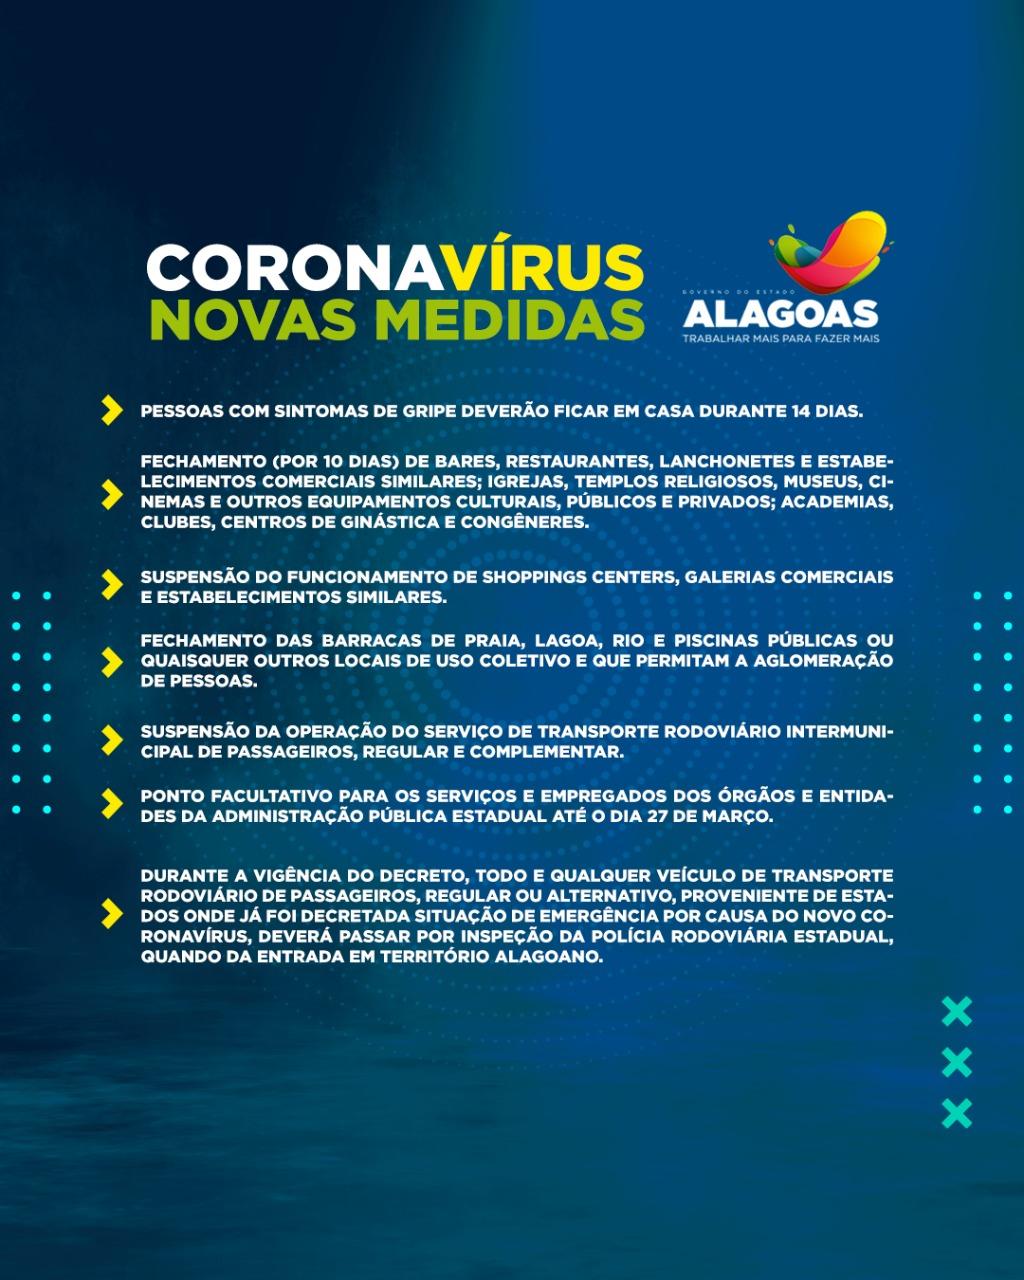 Medidas preventivas adotadas pelo Governo de Alagoas devem ser cumpridas